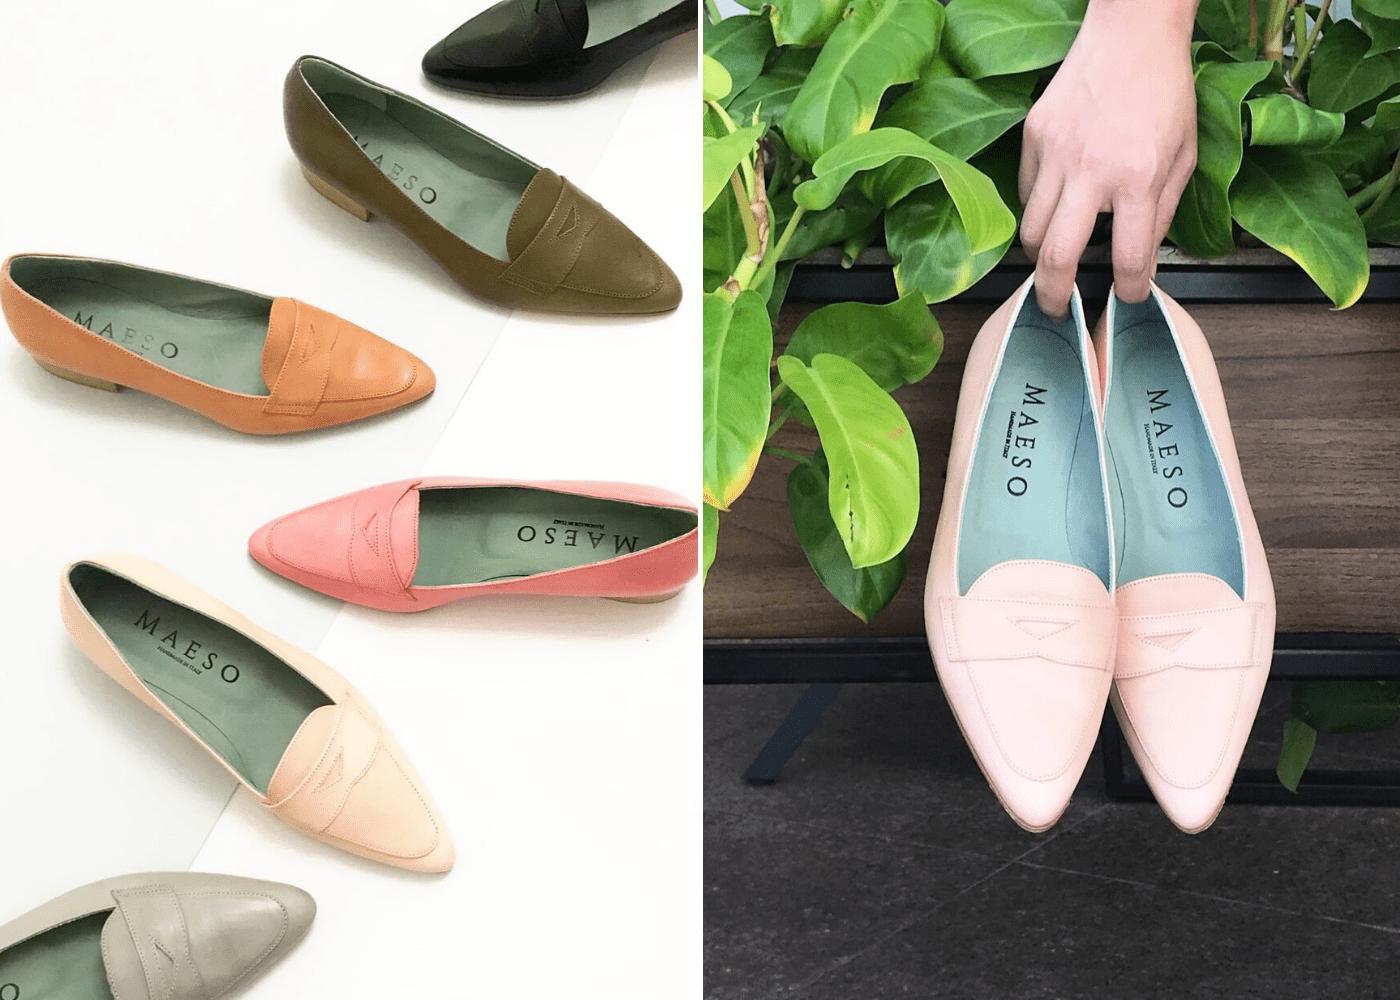 Maeso | Singapore shoe brands